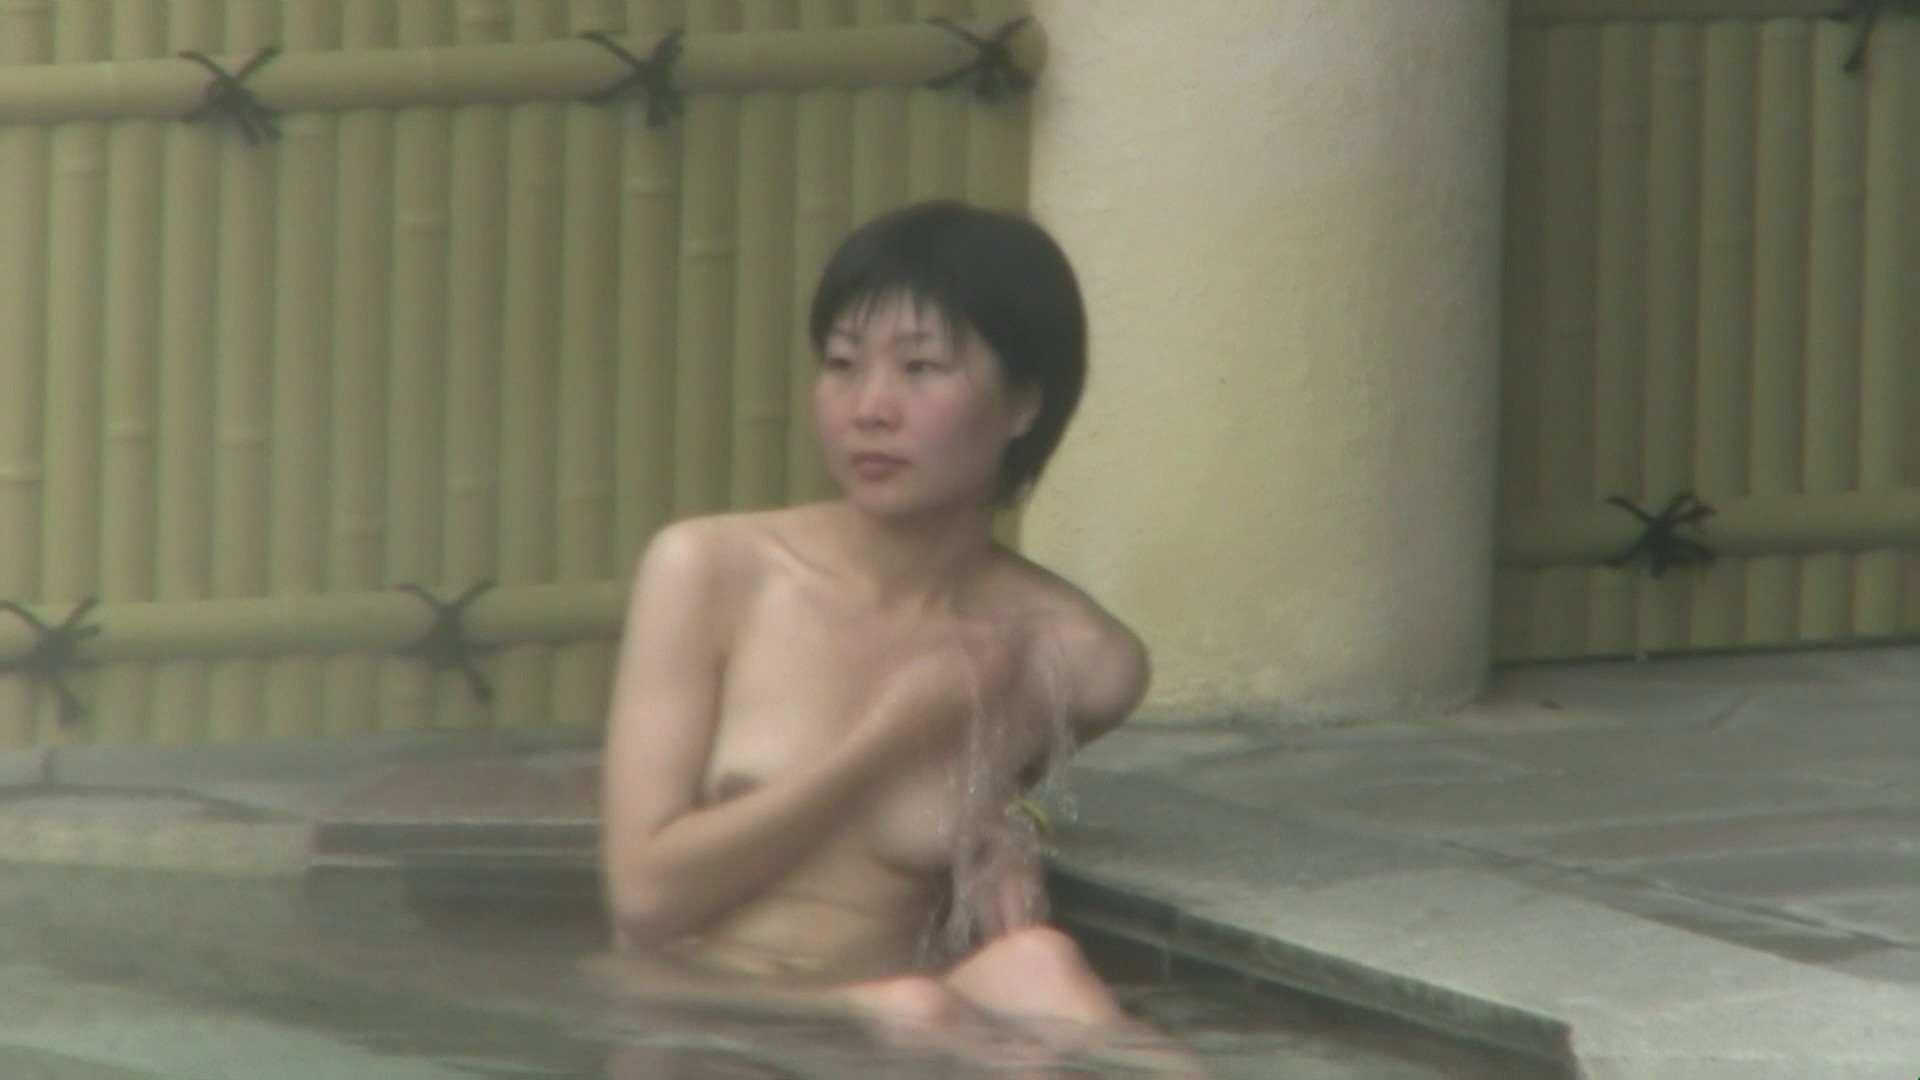 Aquaな露天風呂Vol.75【VIP限定】 盗撮師作品 オメコ動画キャプチャ 107pic 80